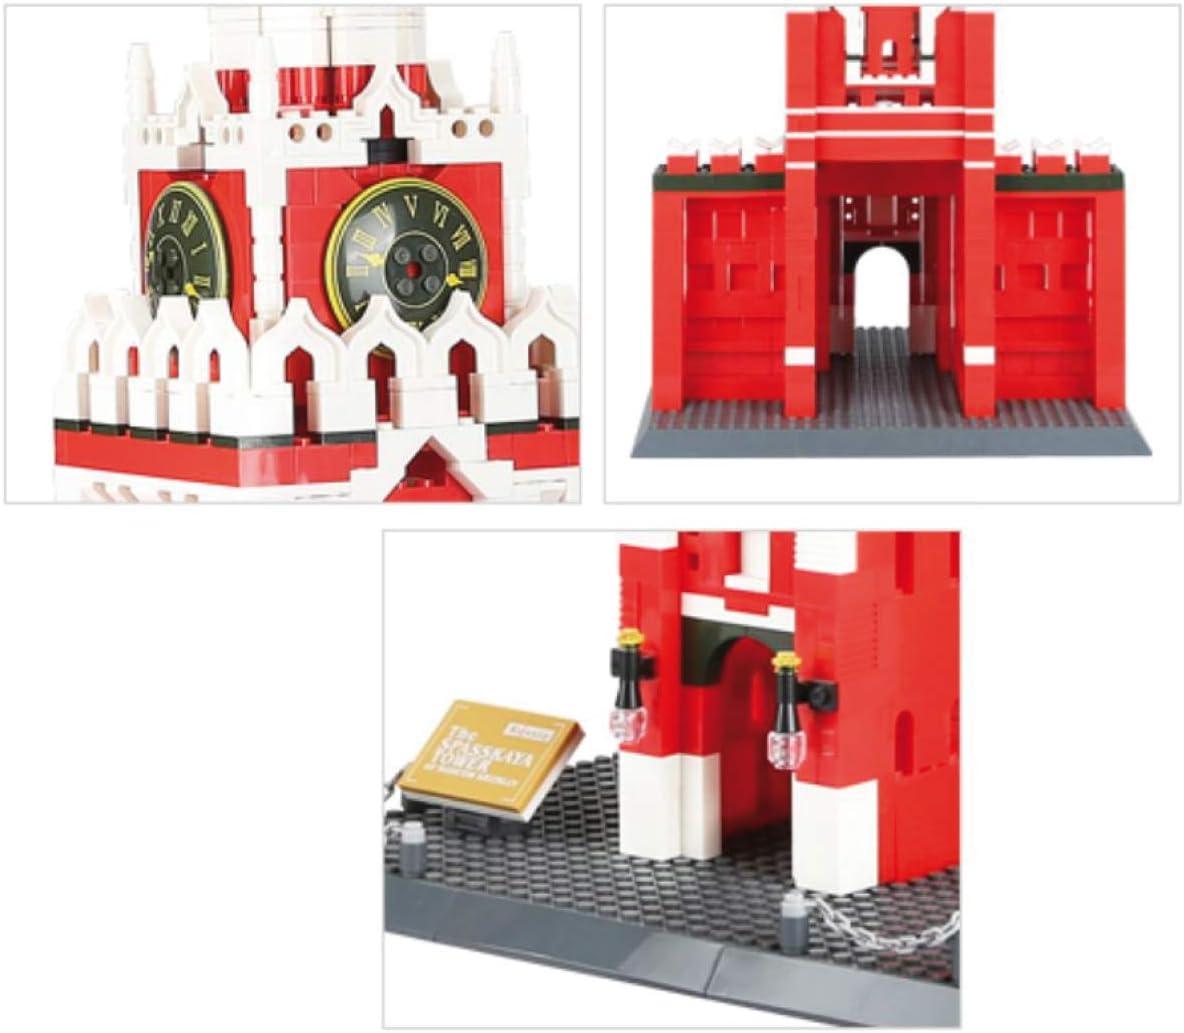 Kathedrale Notre Dame. Architektur Modell zum Bauen mit Bausteinen. Moskau - Spasskaja-turm